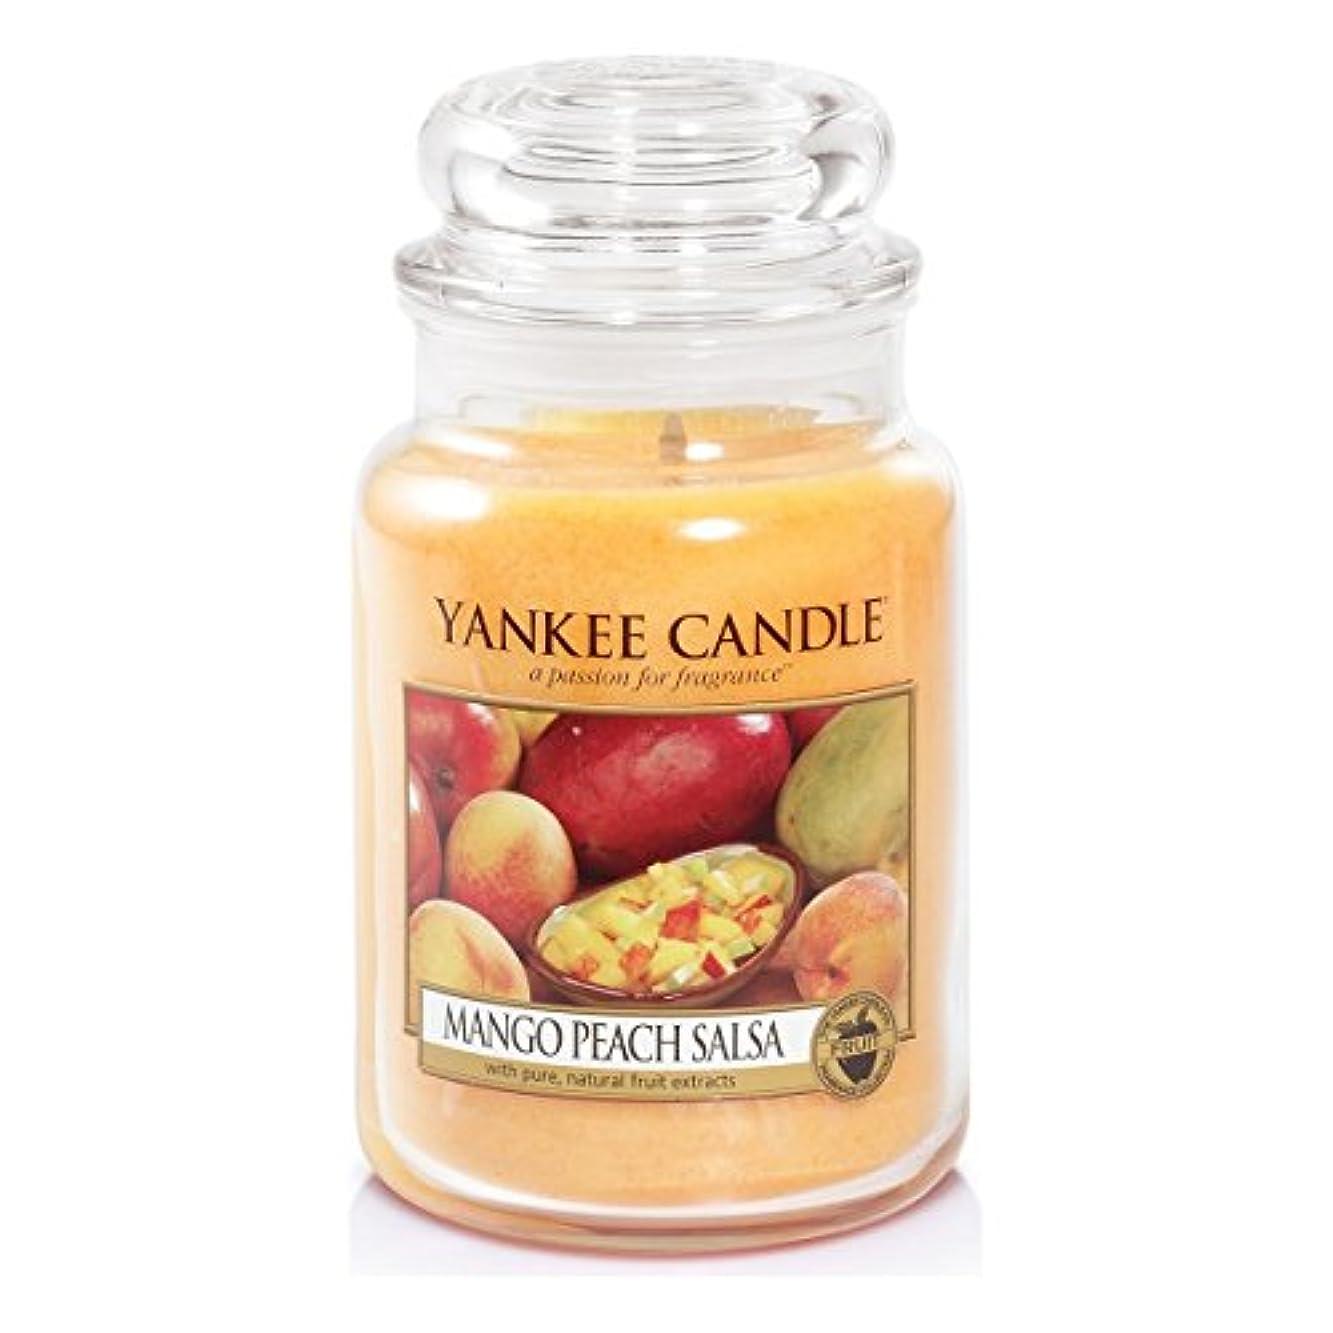 サイクロプスソーダ水失効Yankee Candle Large Jar Candle, Mango Peach Salsa by Yankee Candle